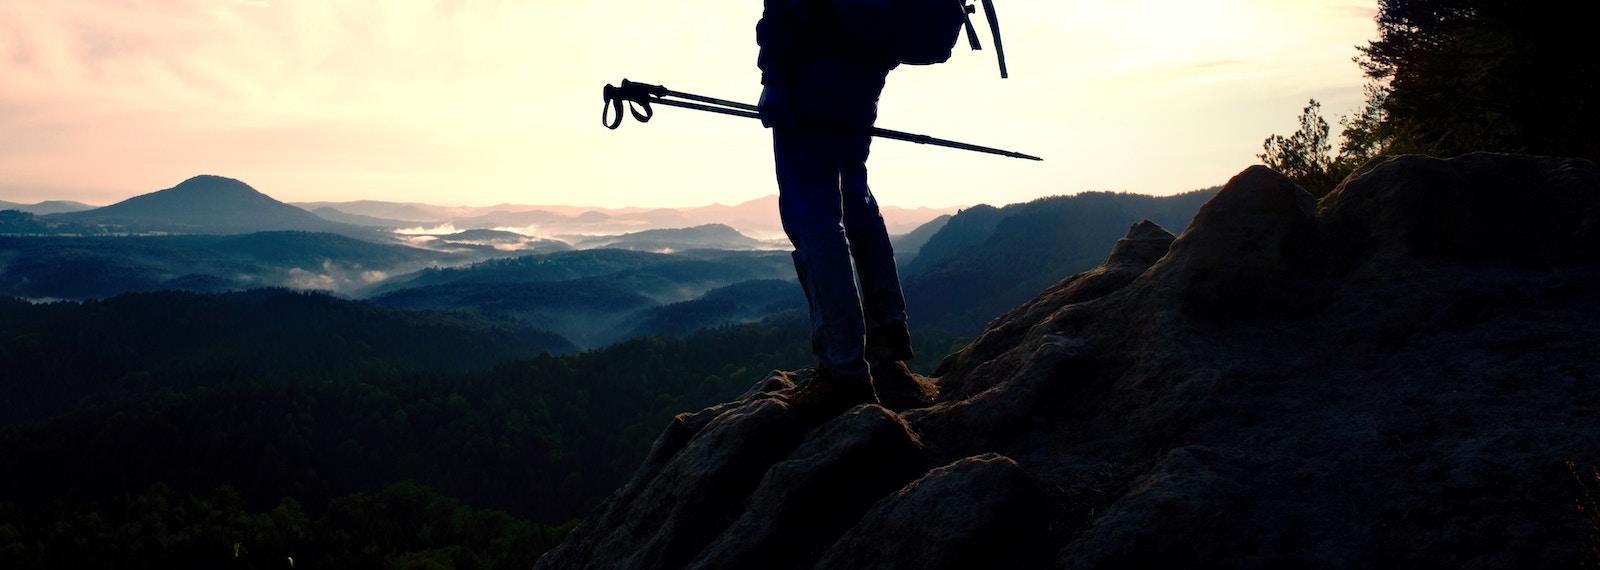 lightweight hiking